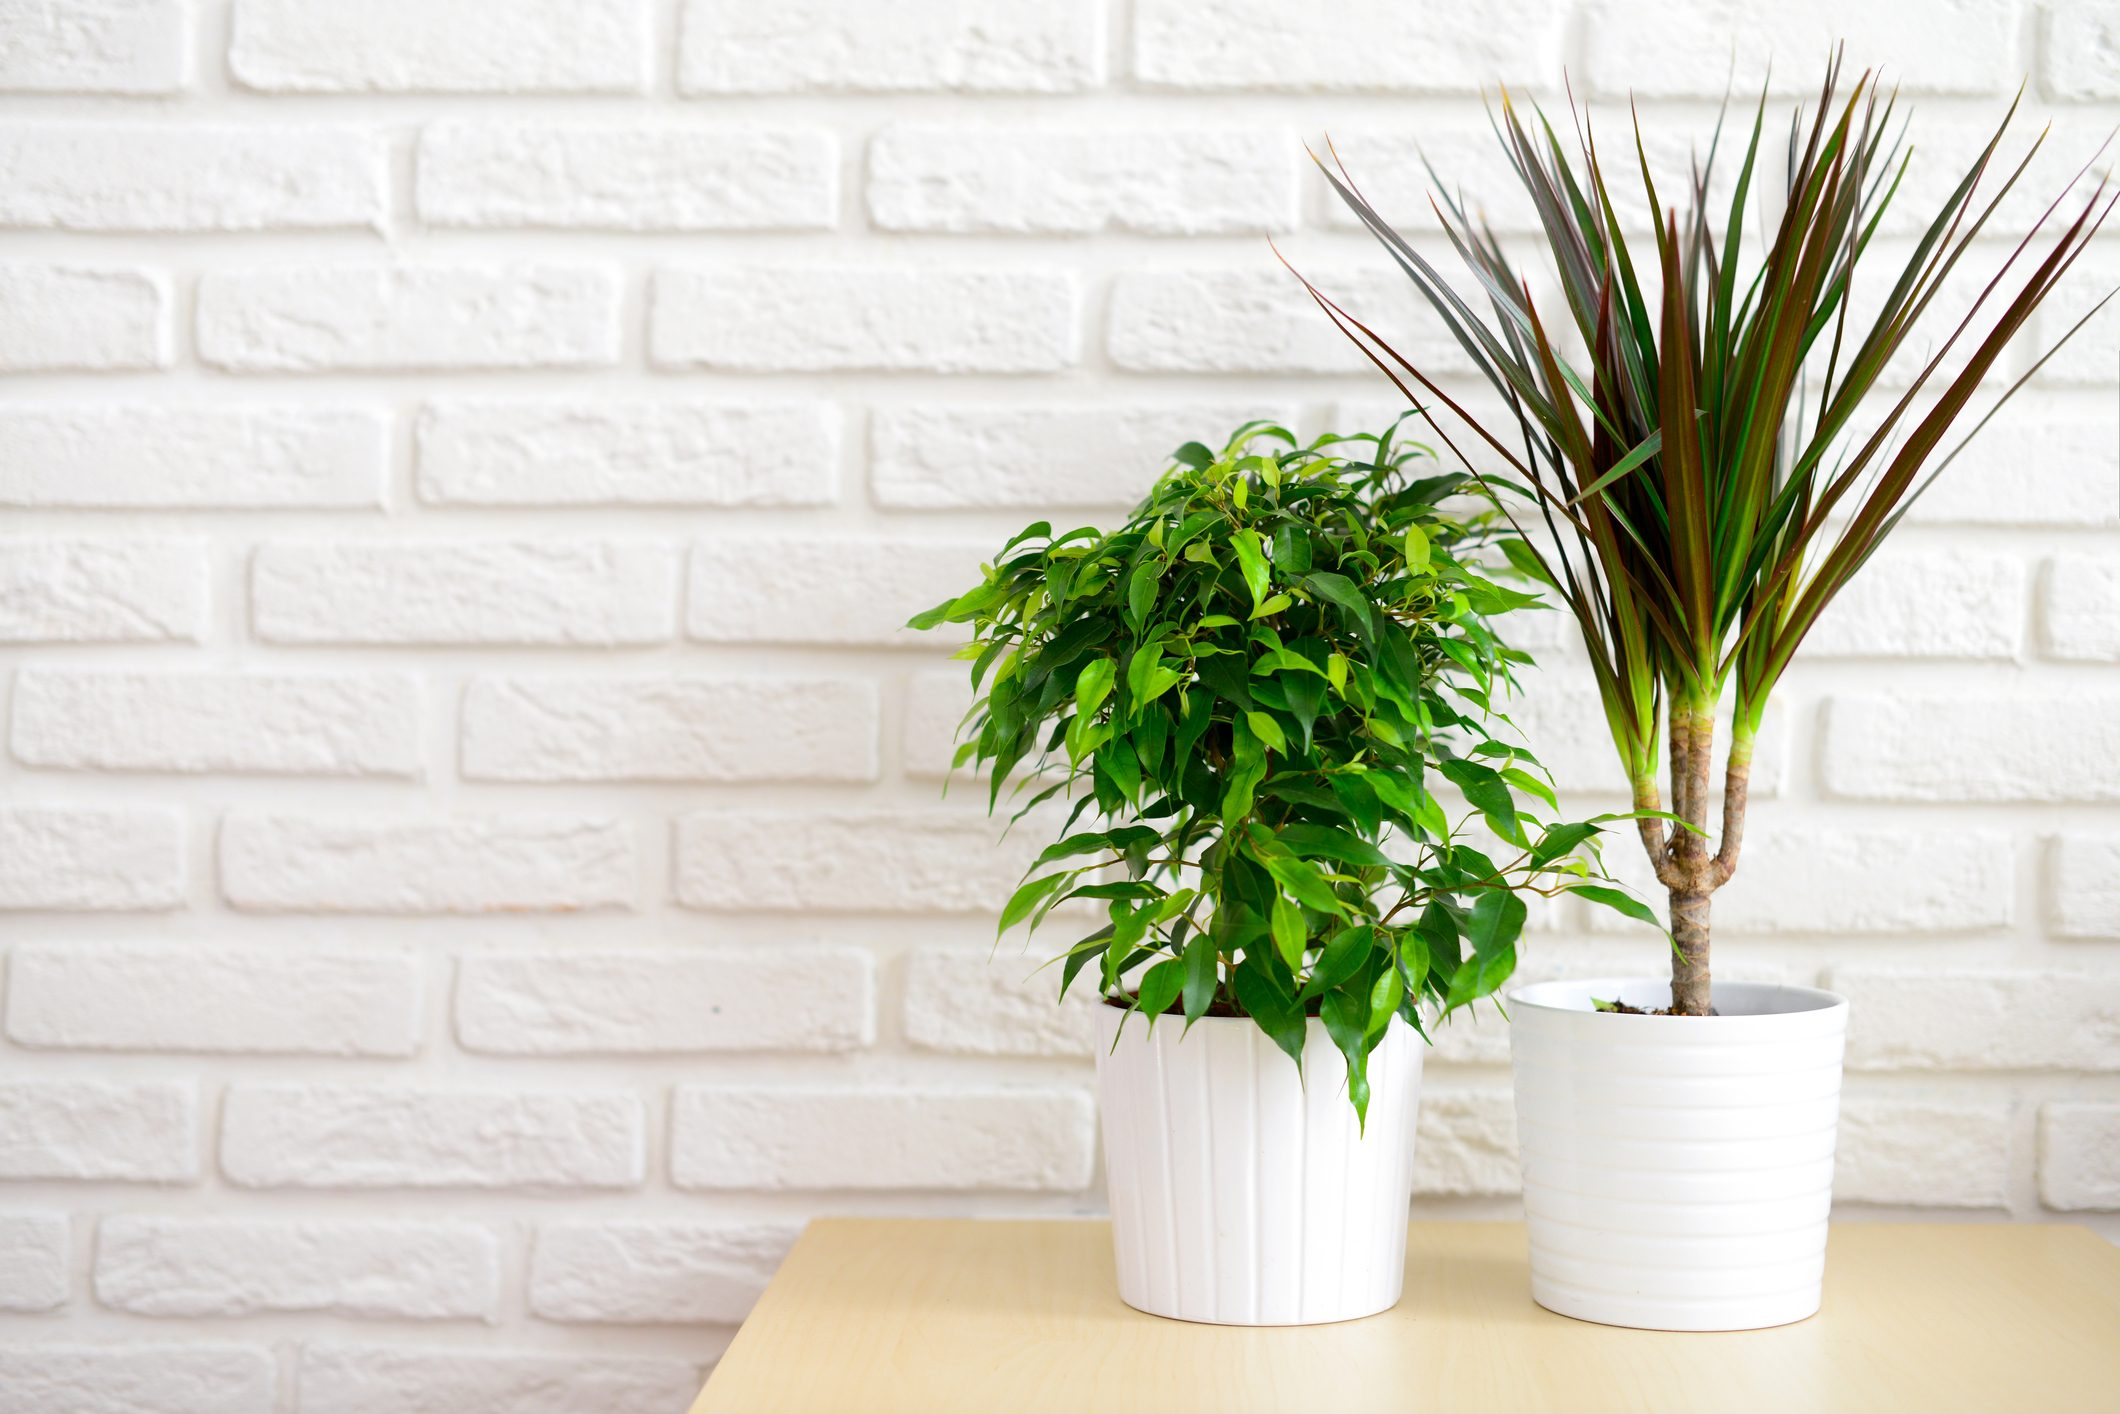 Elenco Piante Verdi Da Appartamento.Piante Antismog Da Appartamento Ottimo Rimedio Per Combattere Le